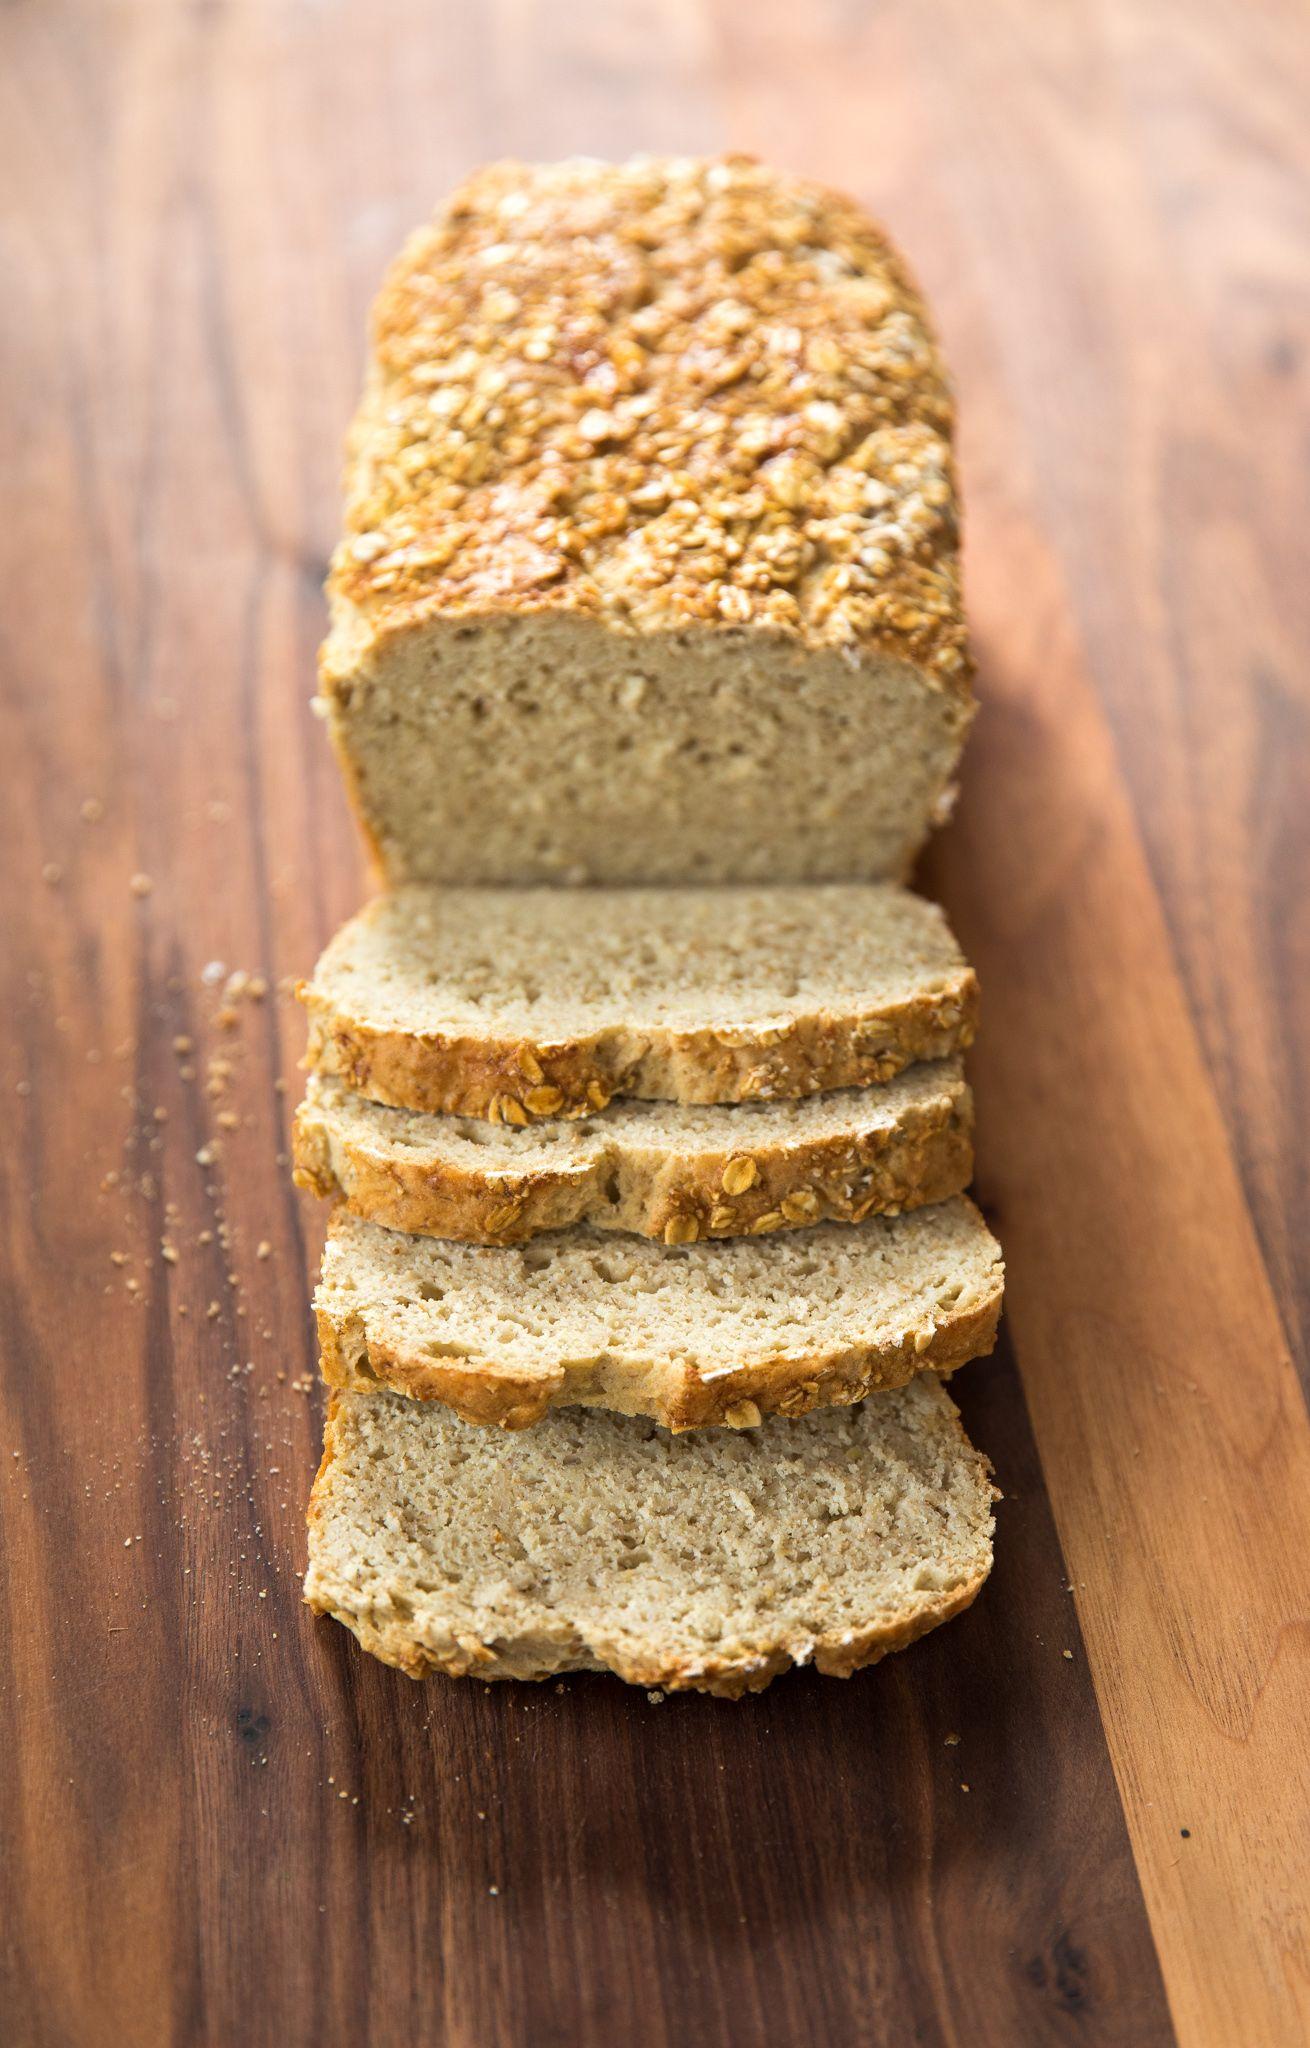 Gluten Dairy Free Oatmeal Bread Dairy Free Bread Machine Recipe Oatmeal Bread Dairy Free Bread